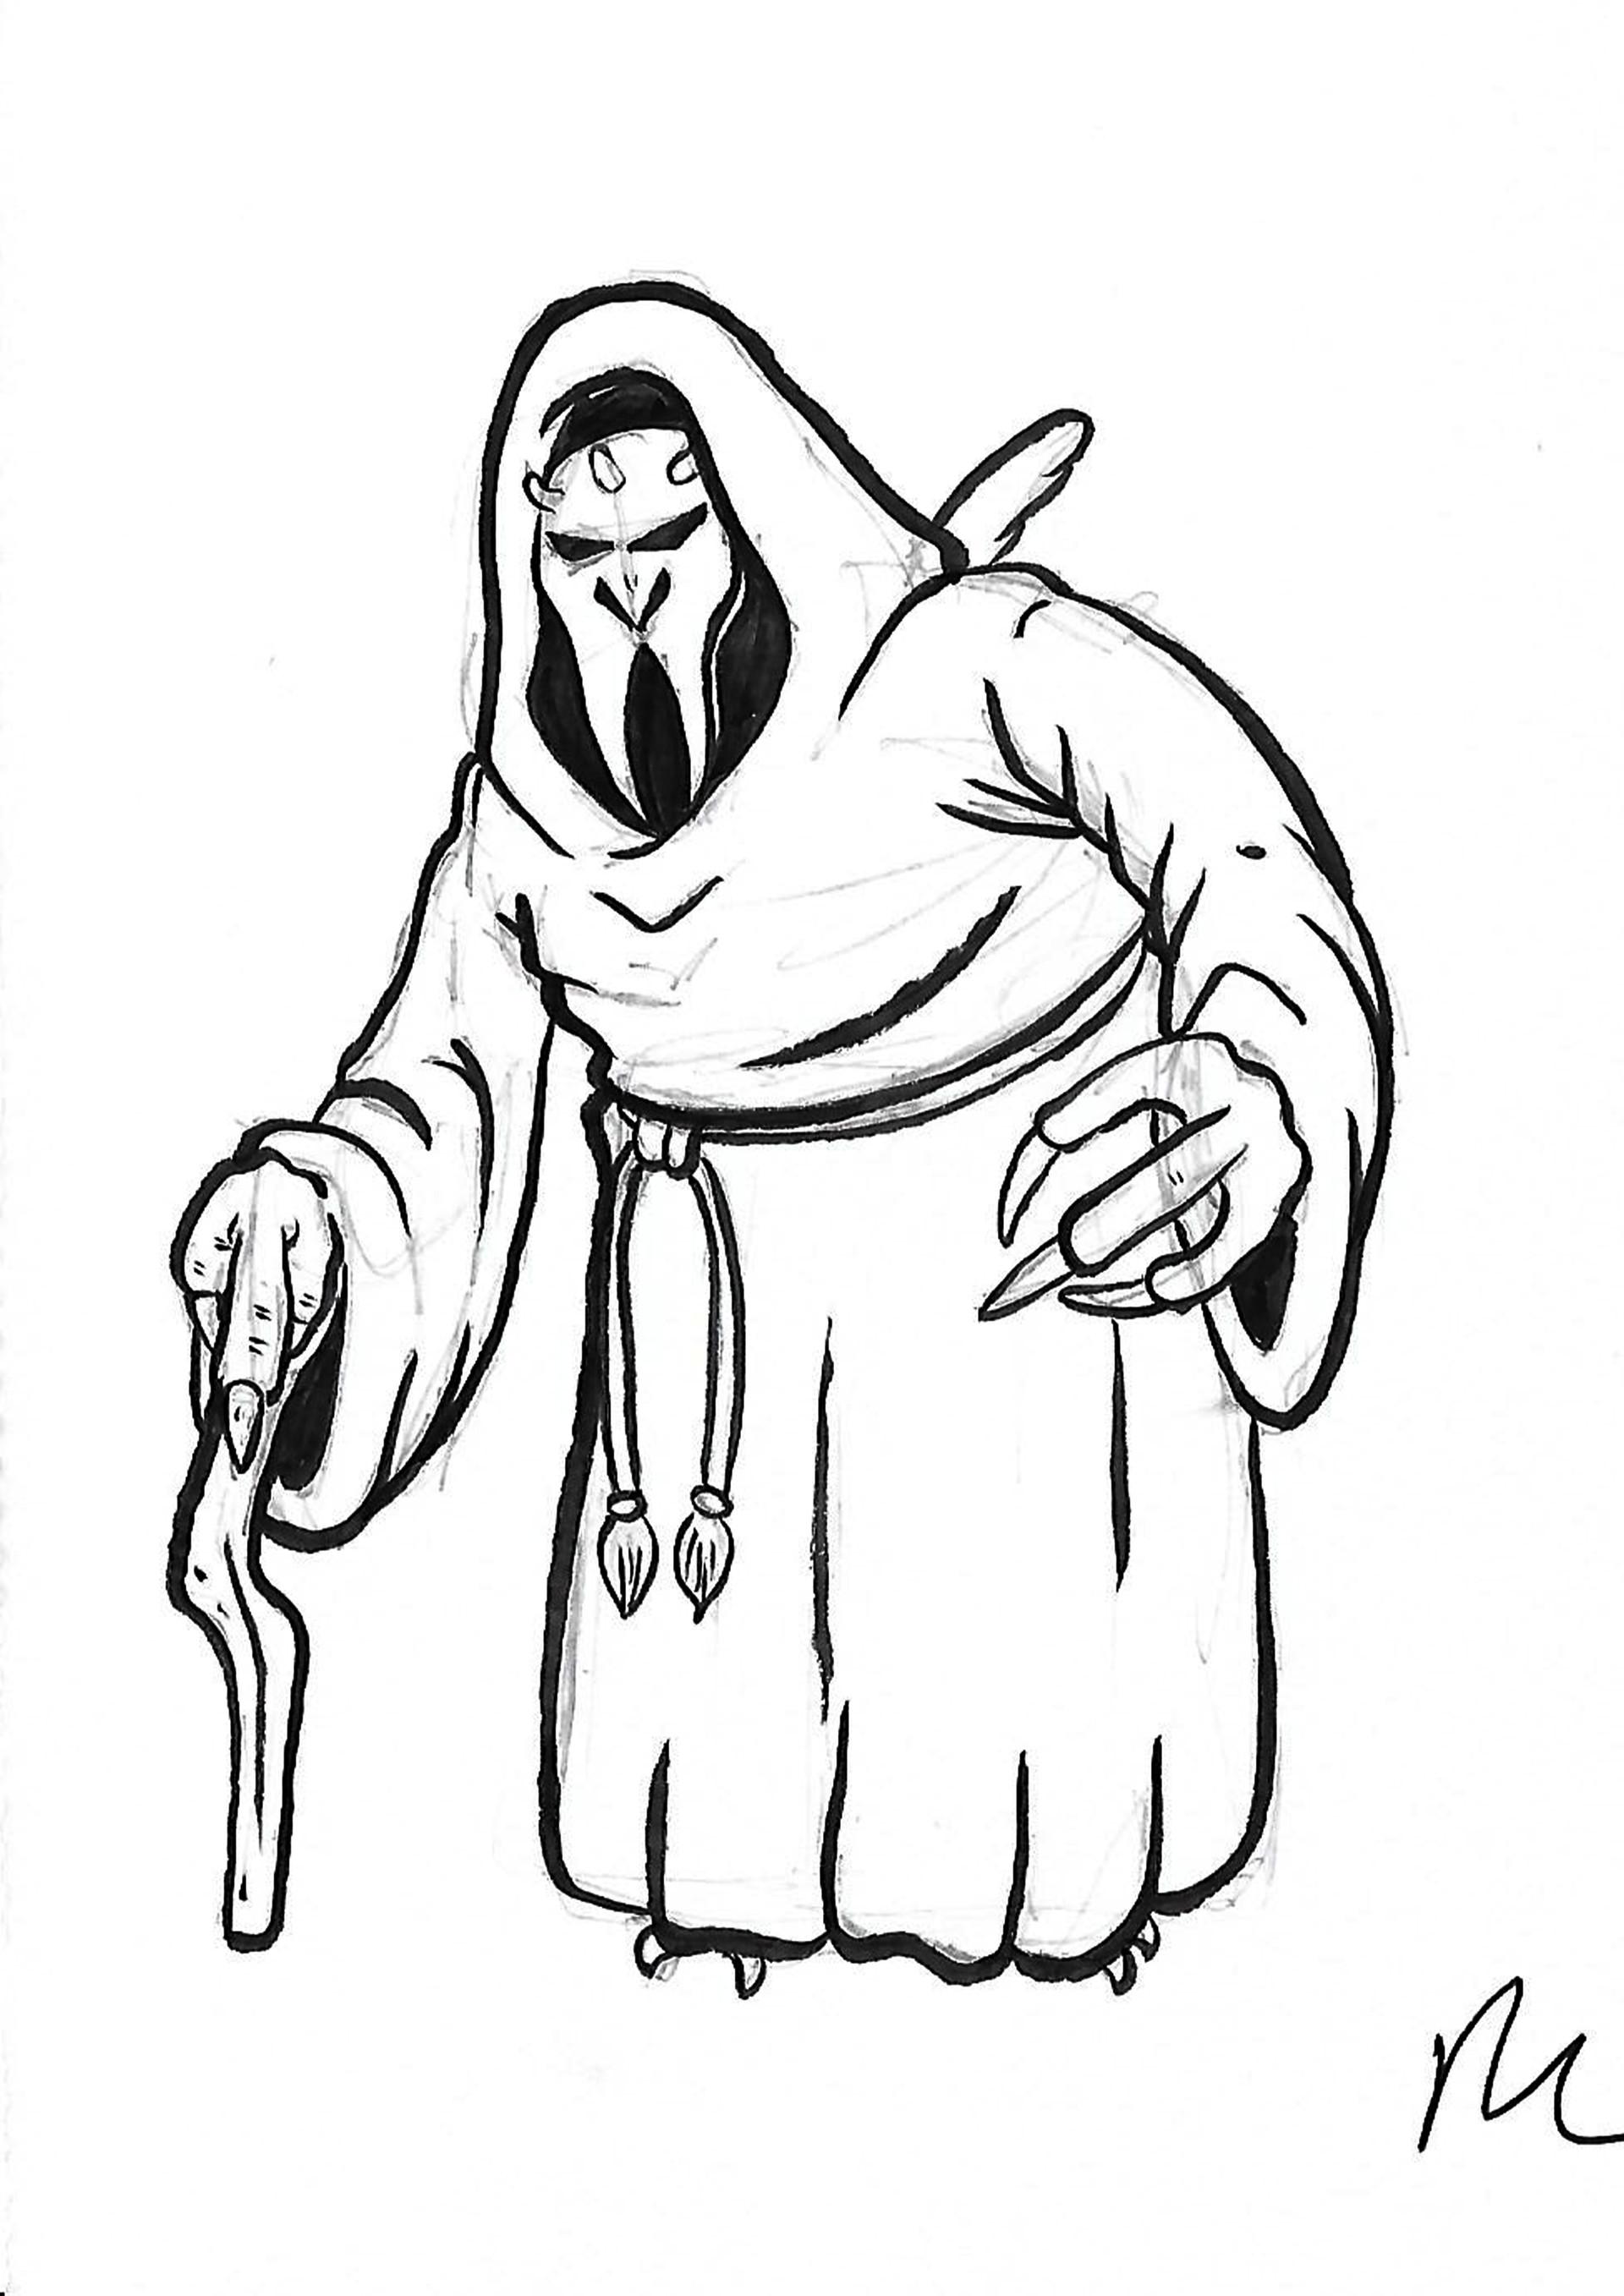 Peter yea druidspawn